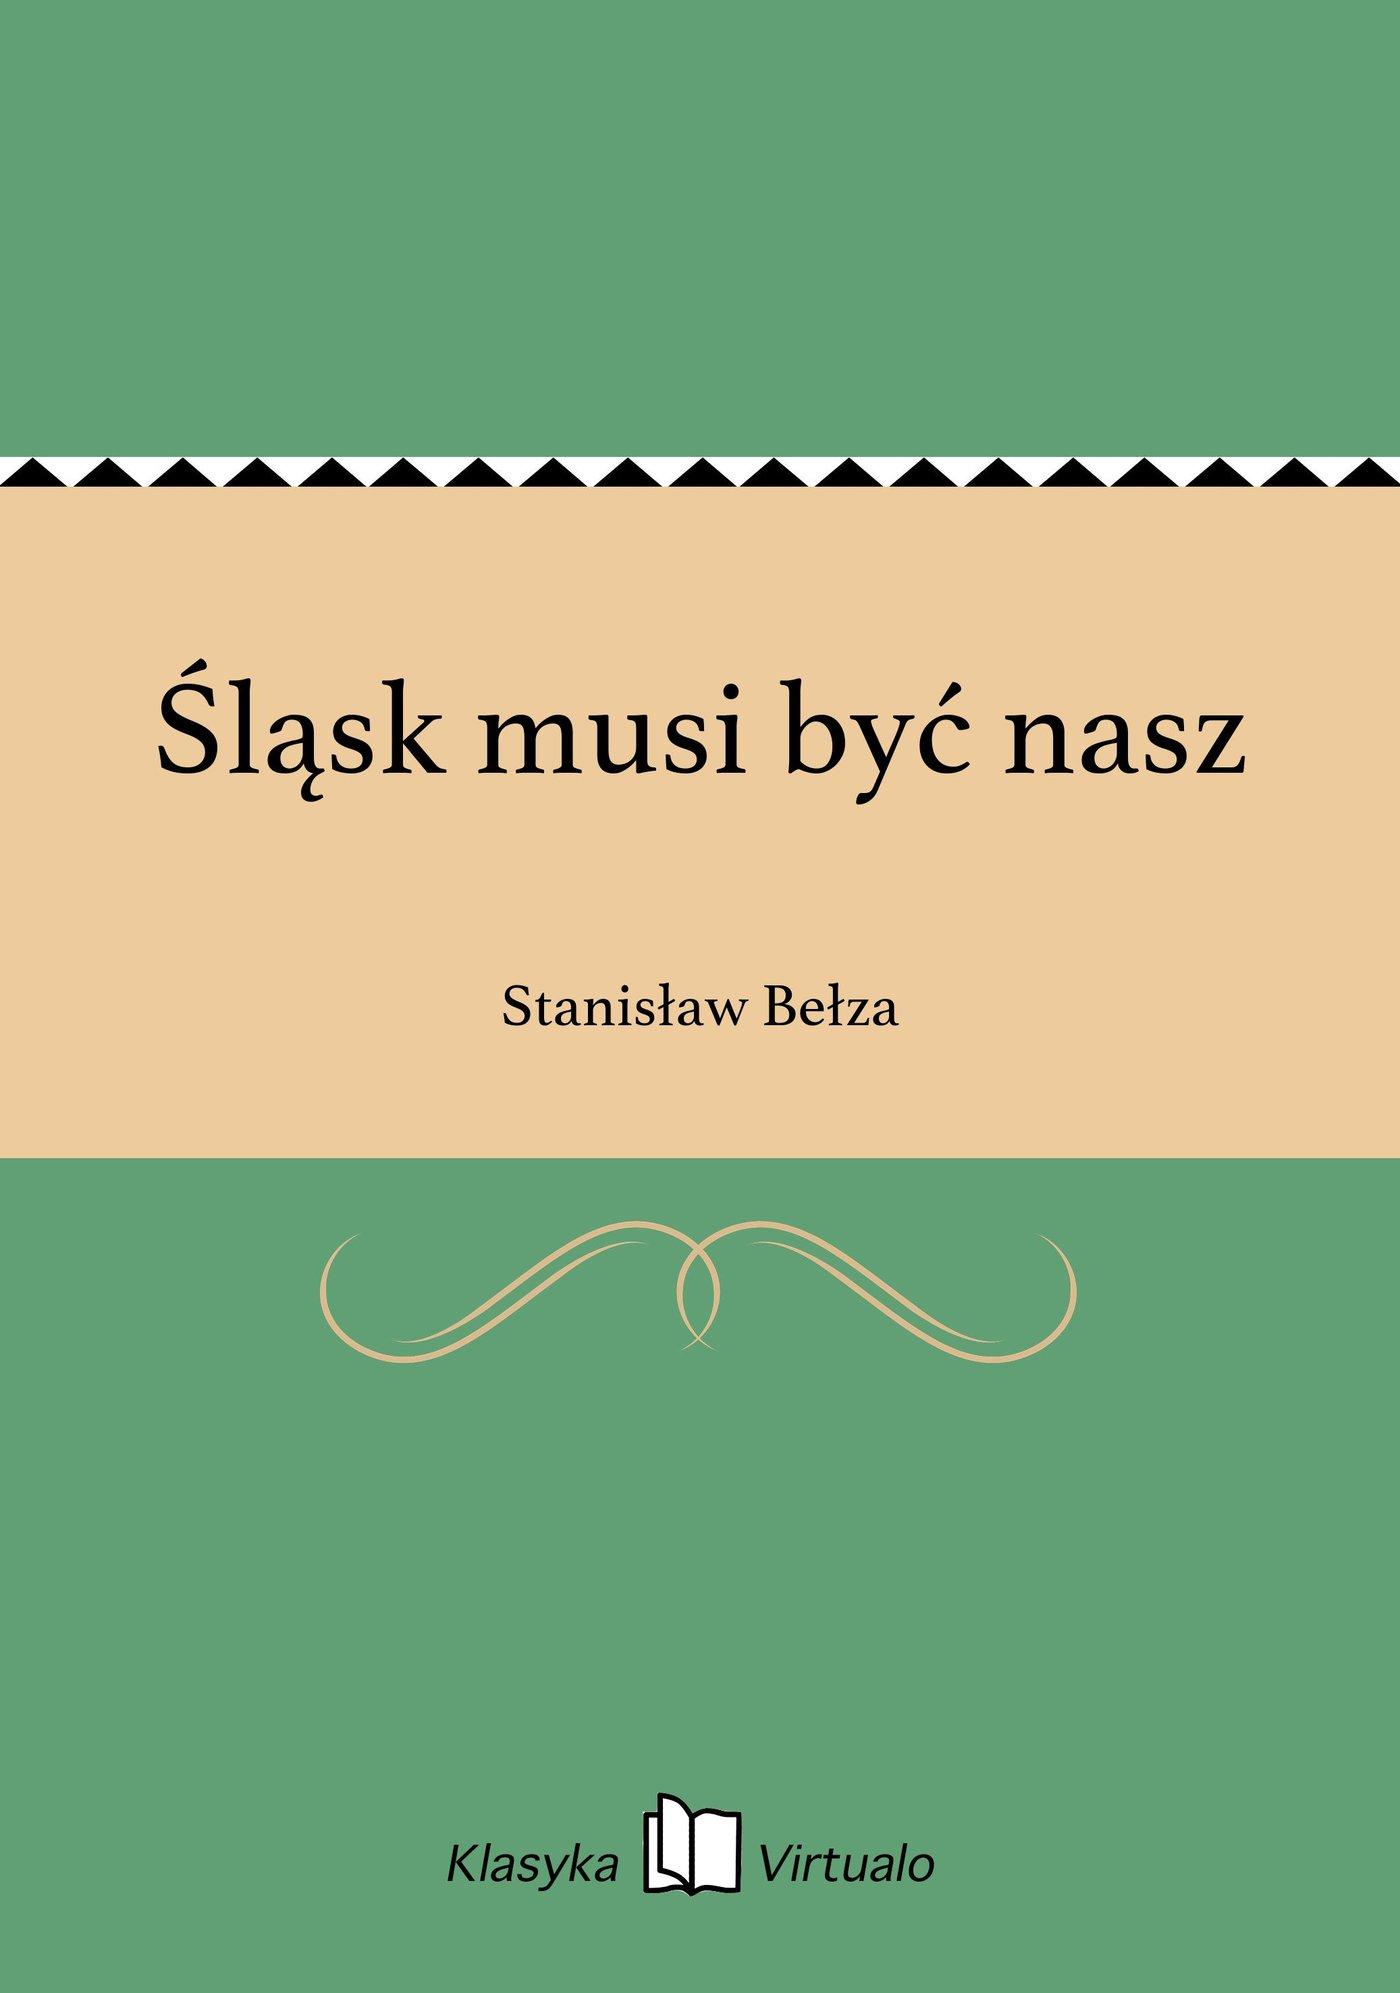 Śląsk musi być nasz - Ebook (Książka EPUB) do pobrania w formacie EPUB